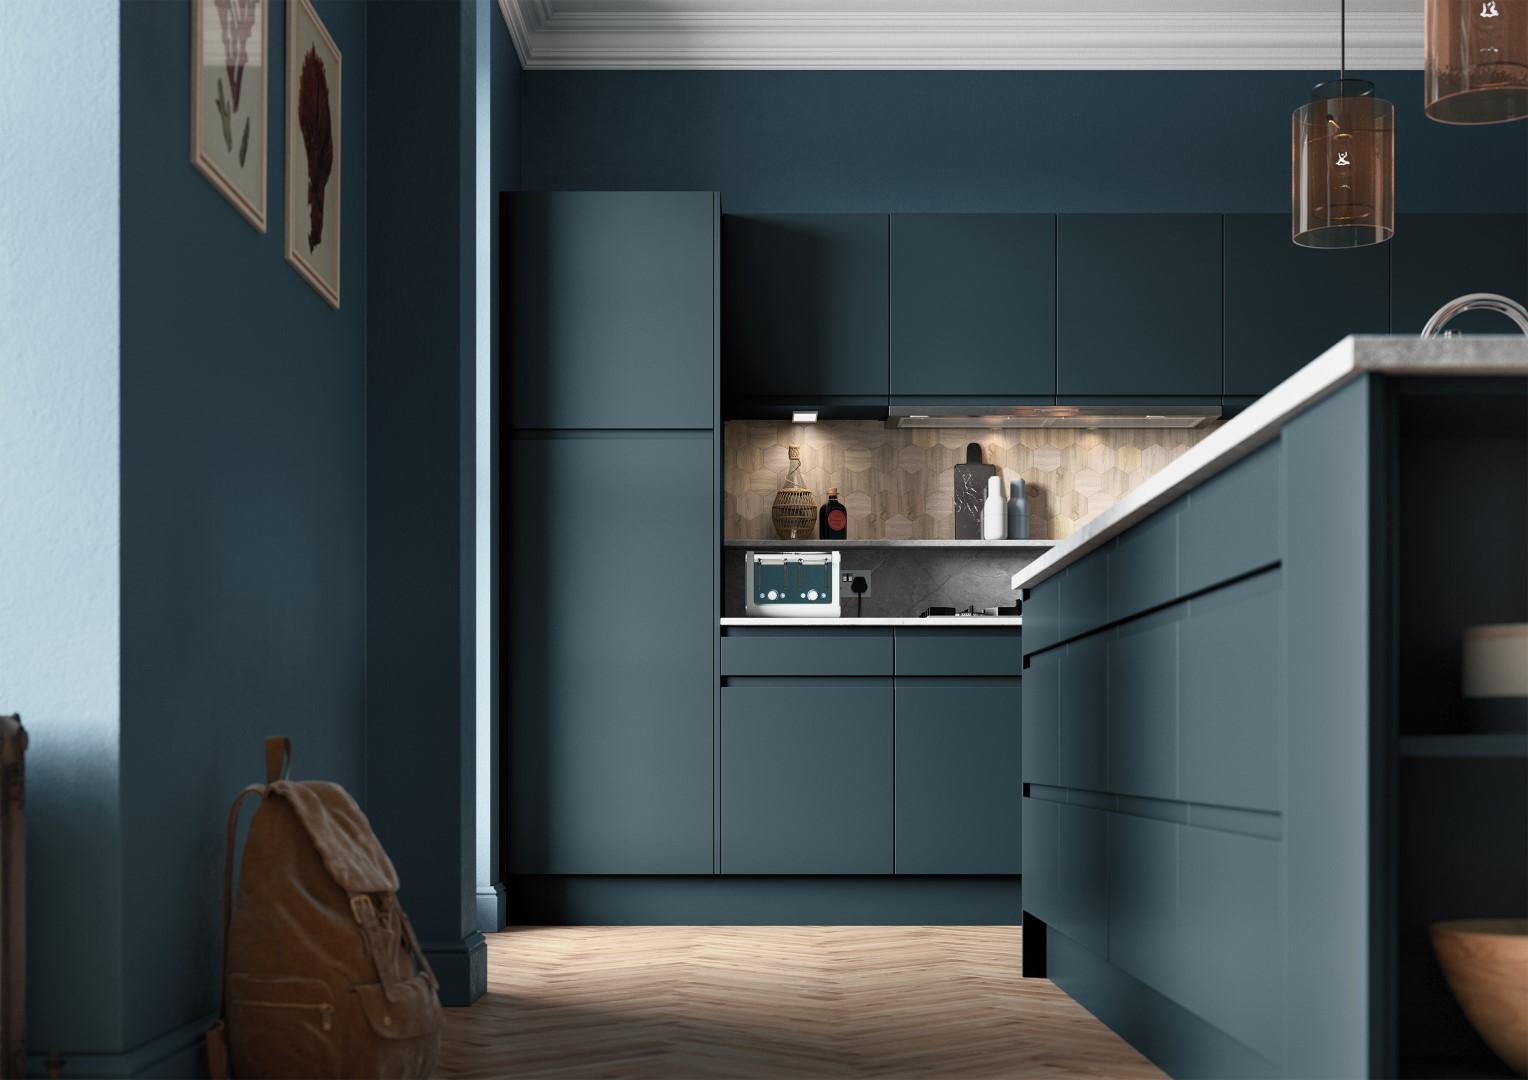 Strada Matte Marine - Kitchen Design - Alan Kelly Kitchens - Waterford - 3